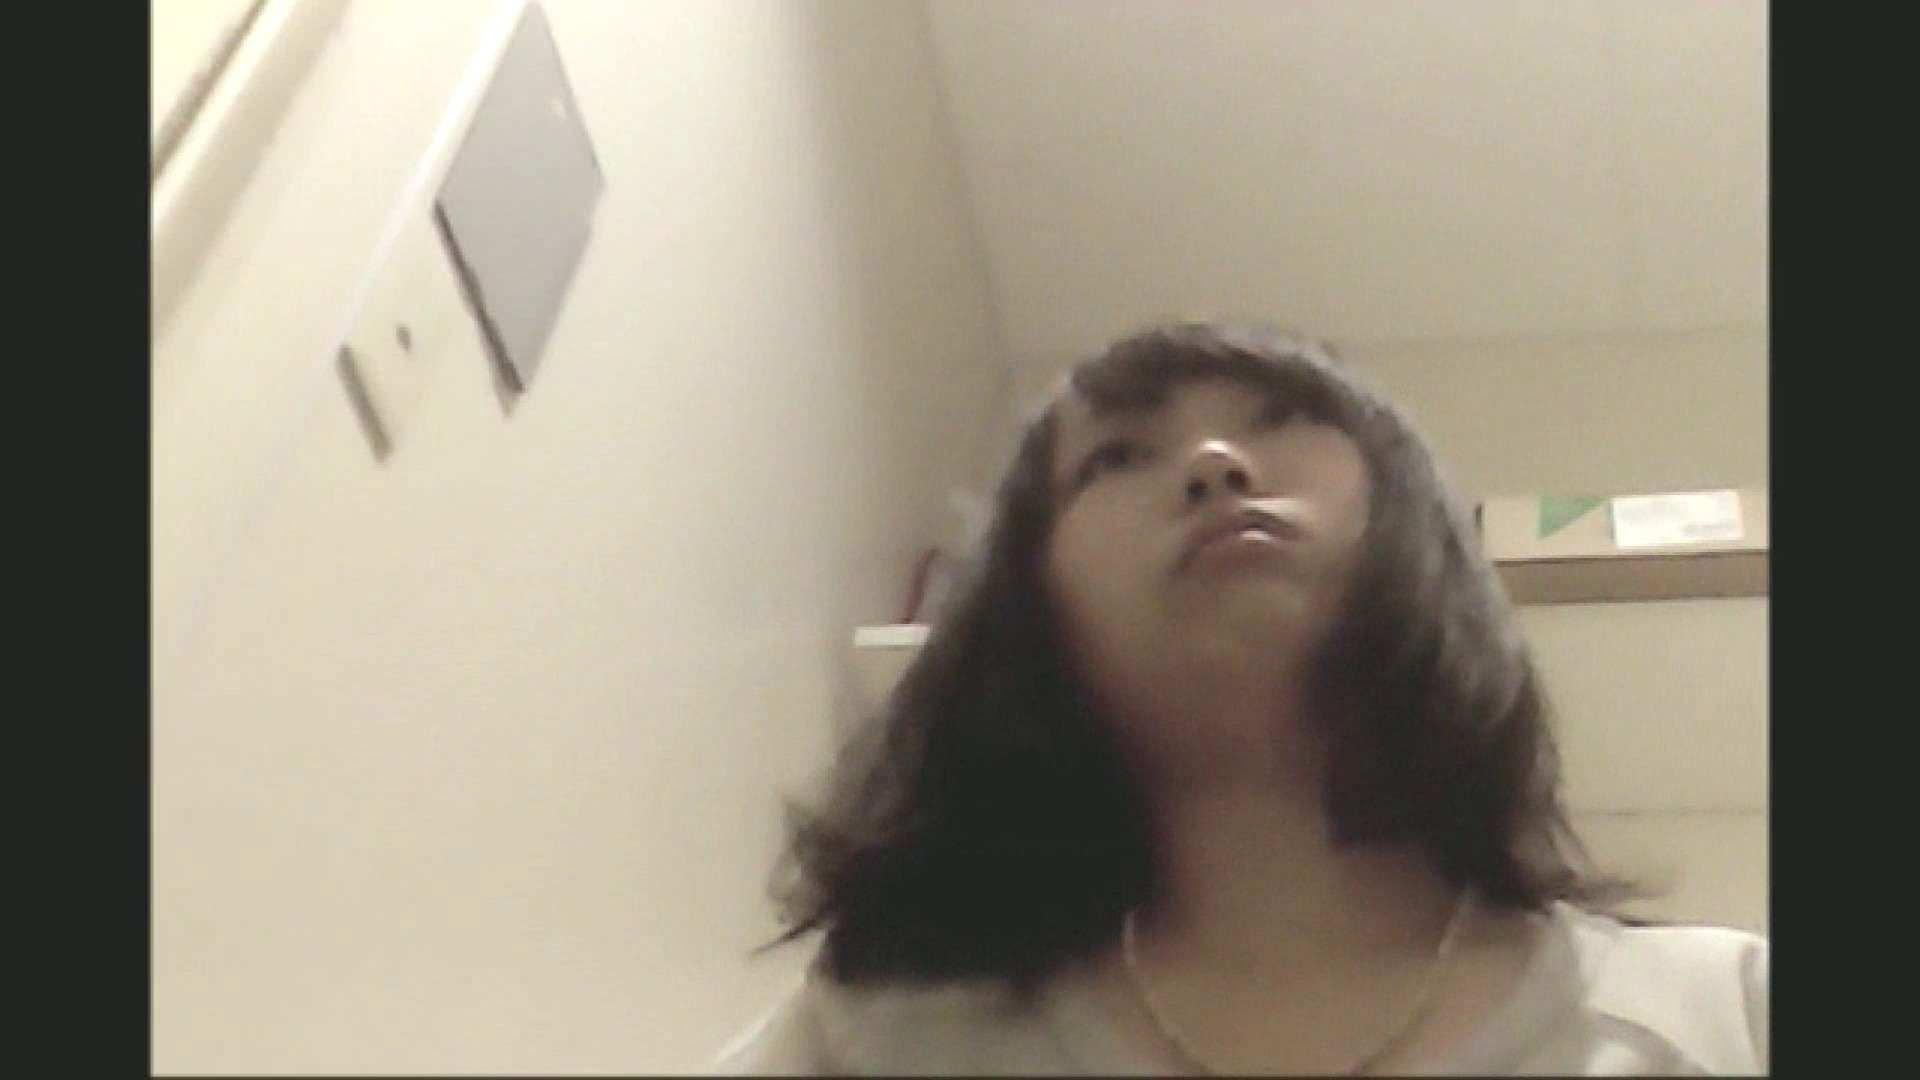 実録!!綺麗なお姉さんのトイレ事情・・・。vol.15 トイレ突入 エロ無料画像 96pic 42